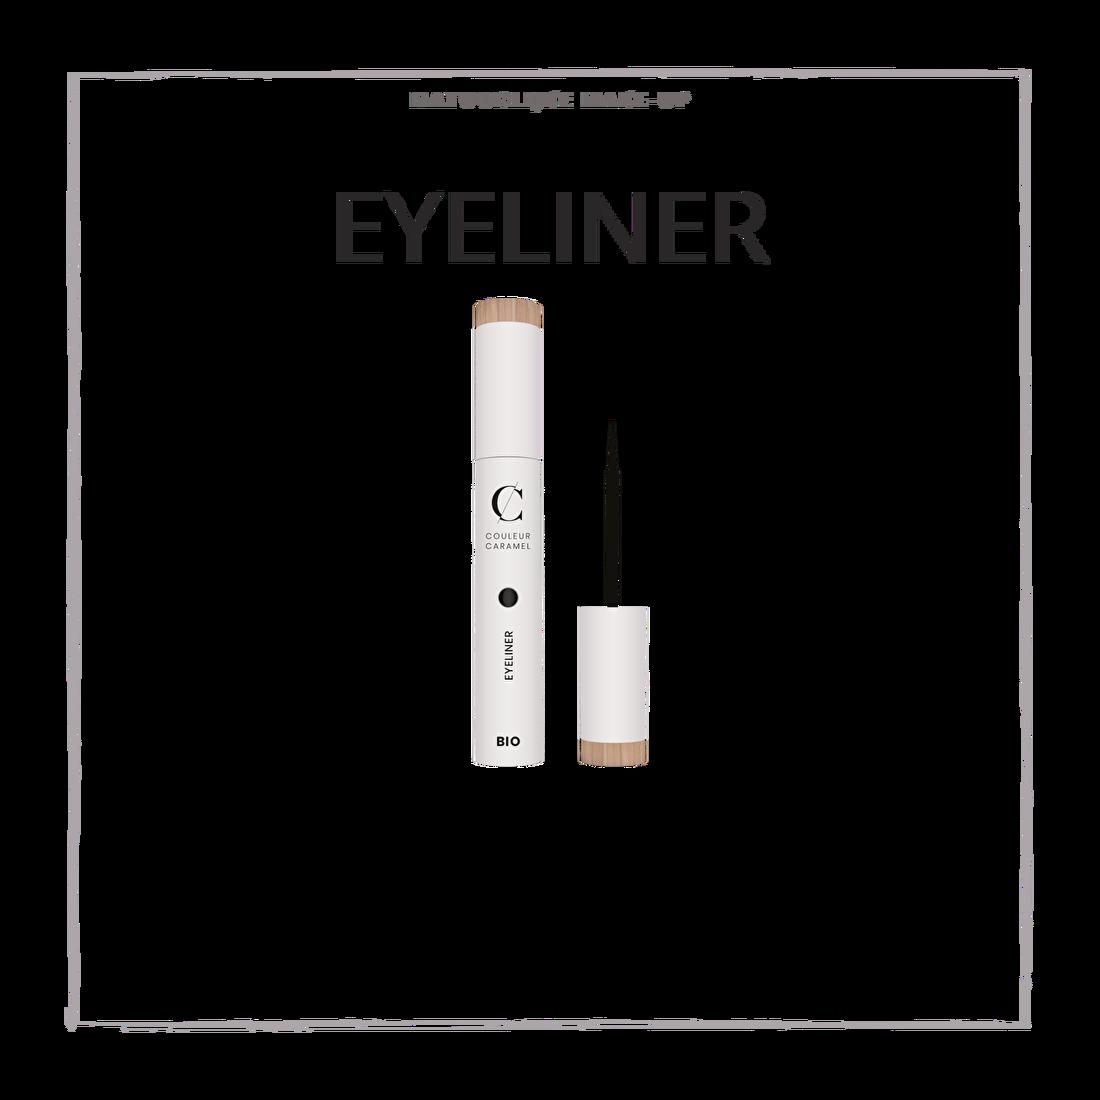 natuurlijke make-up eyeliner CouleurCaramelmakeup.nl